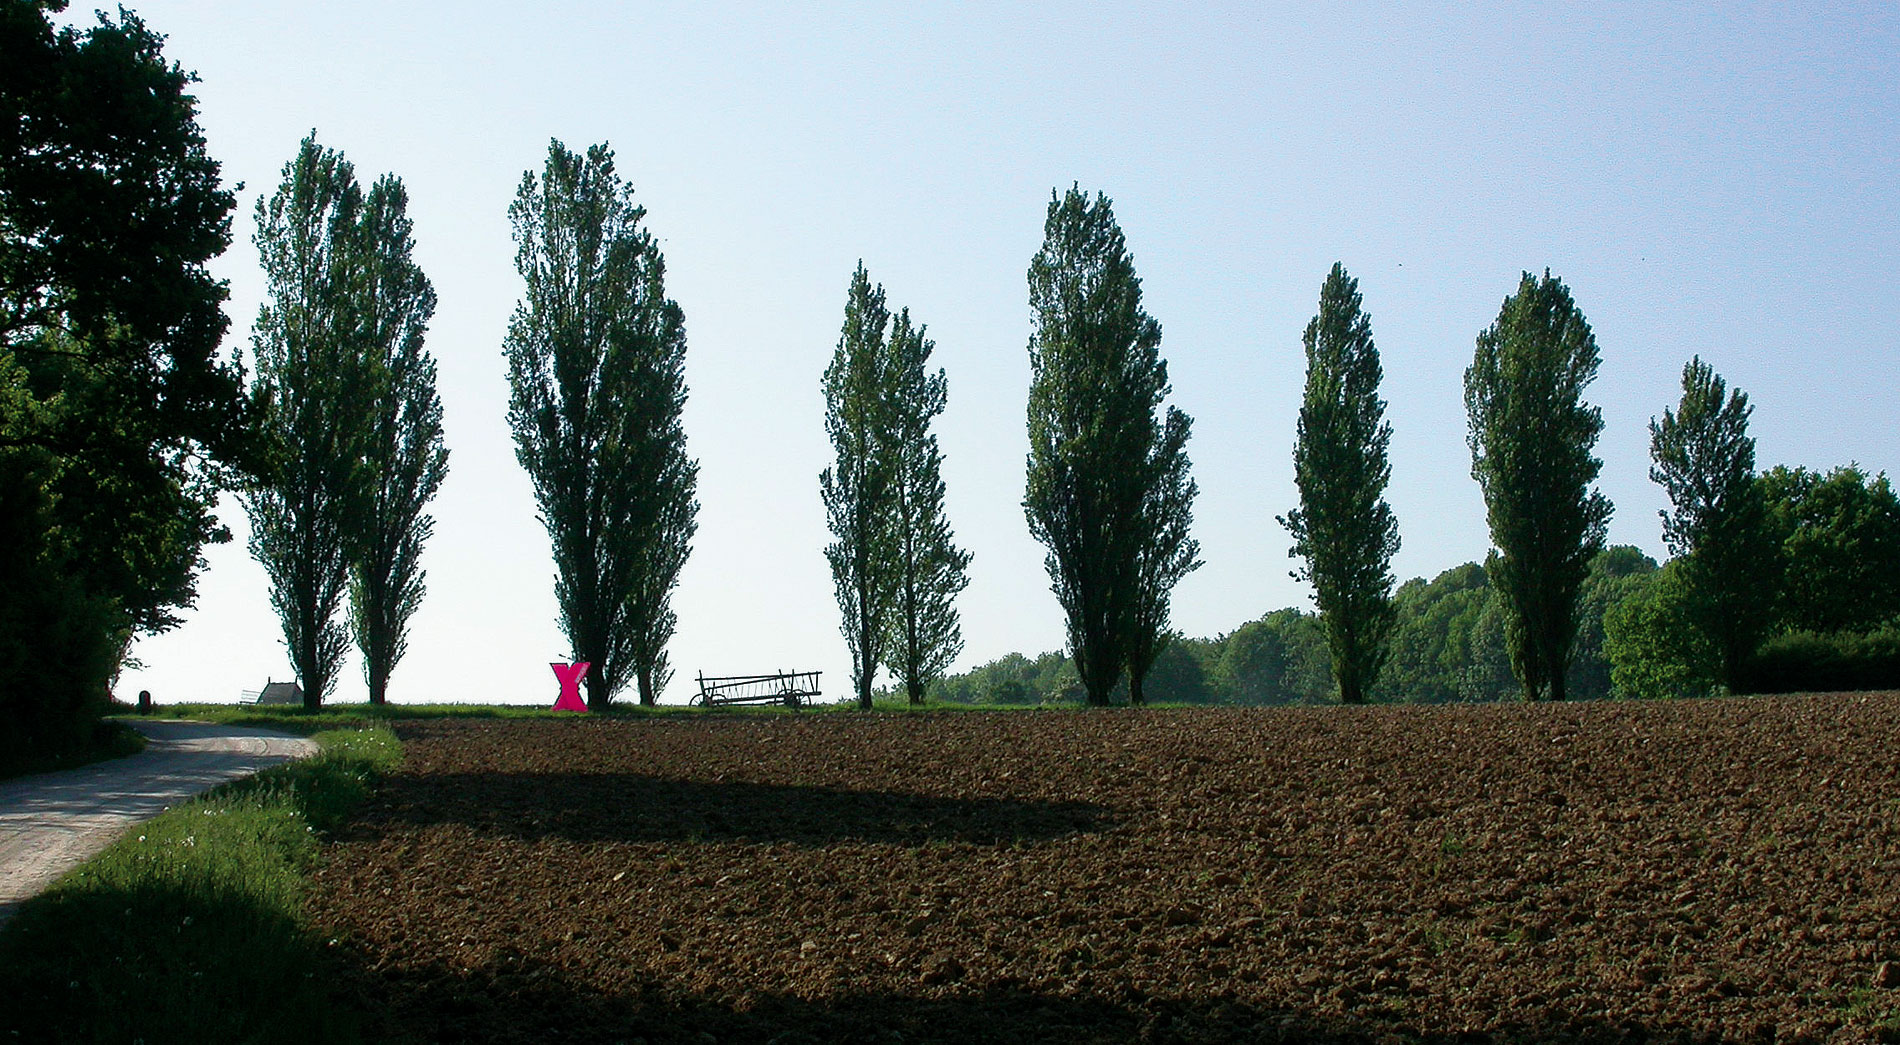 In Fahrt, Jahresausstellung 2008 des Freilichtmuseum Detmold, Leitsystem, Infostation